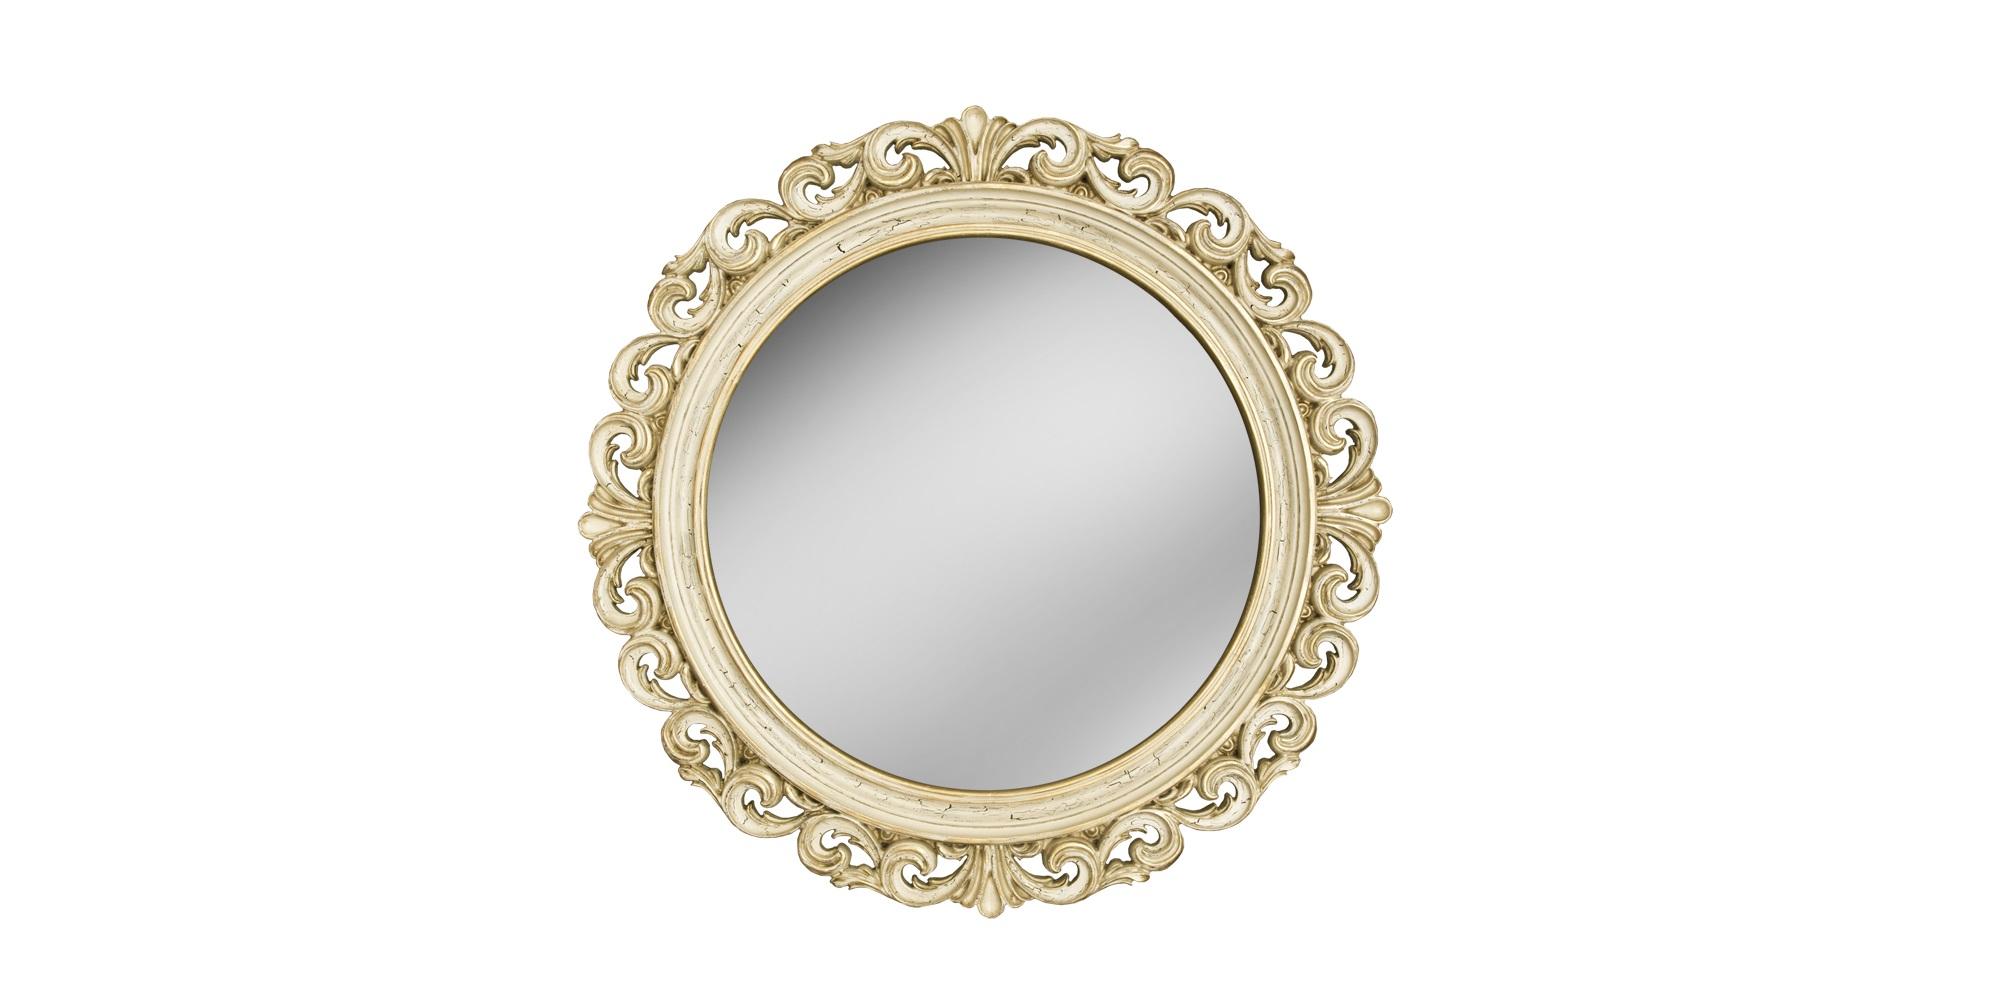 """Vezzolli Зеркало """"РИКИОЛИ""""  aquaton беатриче 1a187403bem6r правый слоновая кость патина"""